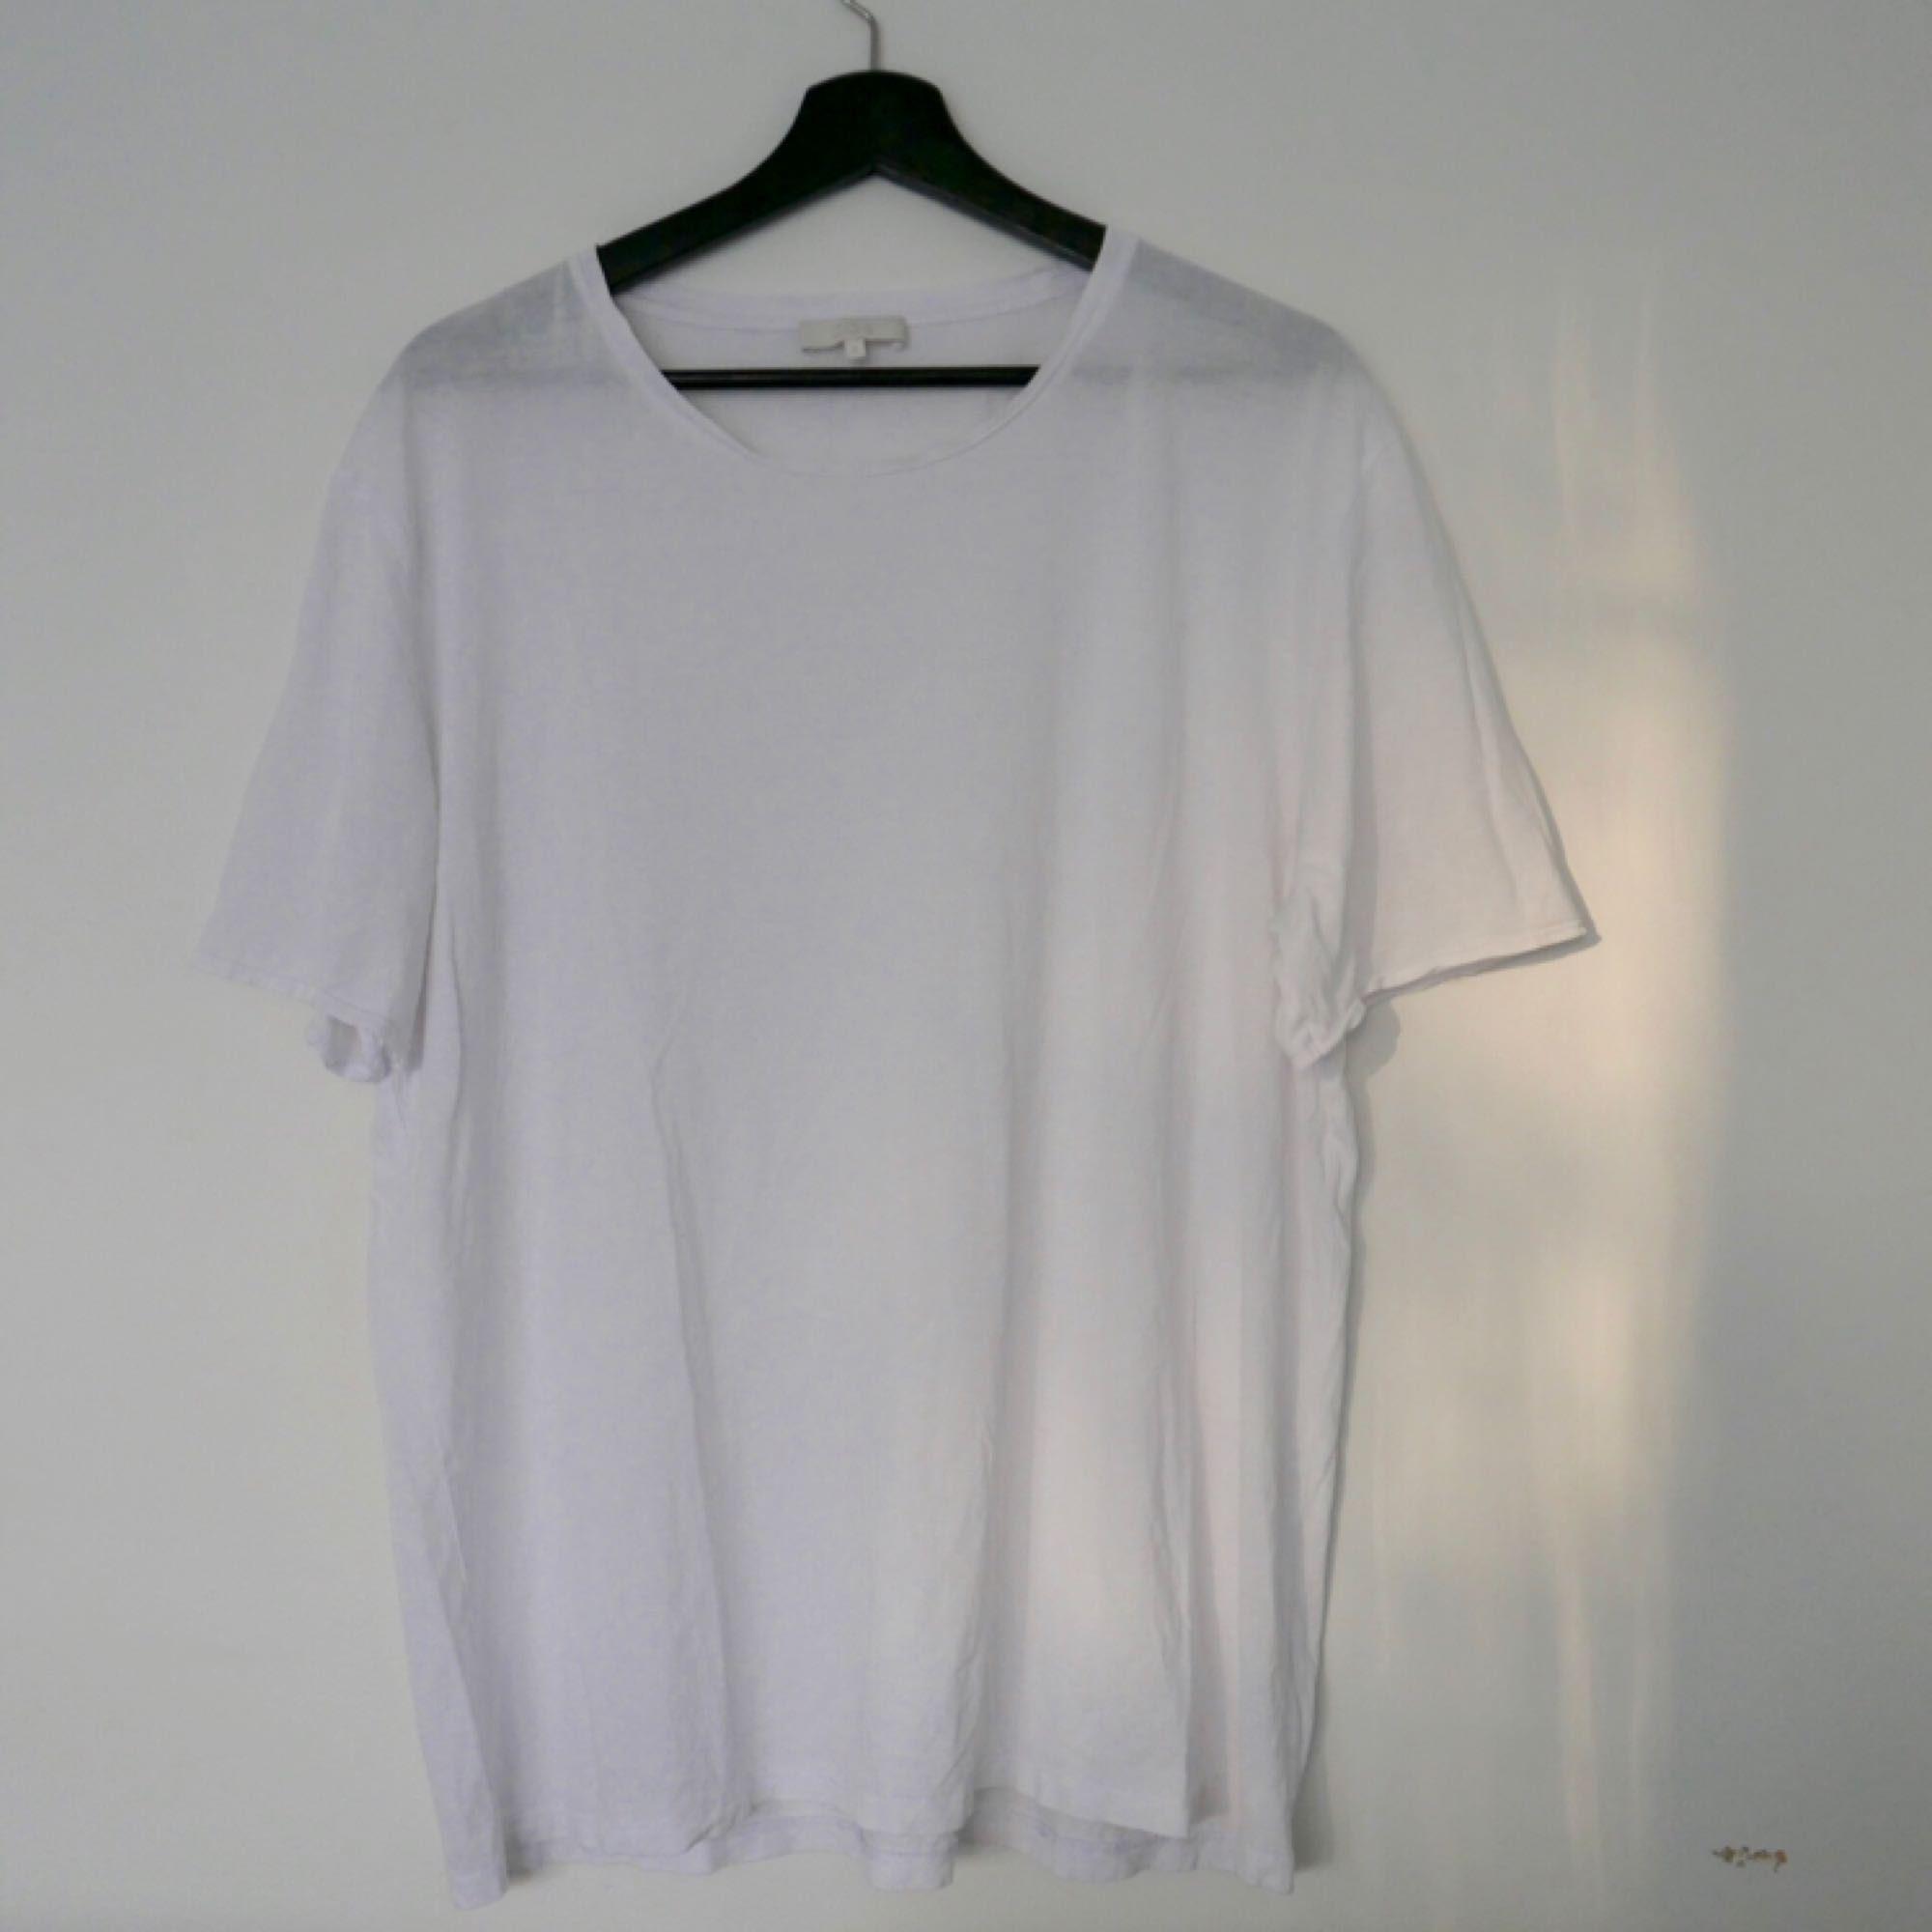 75802497ca3 Super fin T-shirt från COS, större storlek så den faller väldigt fint  pösigt ...